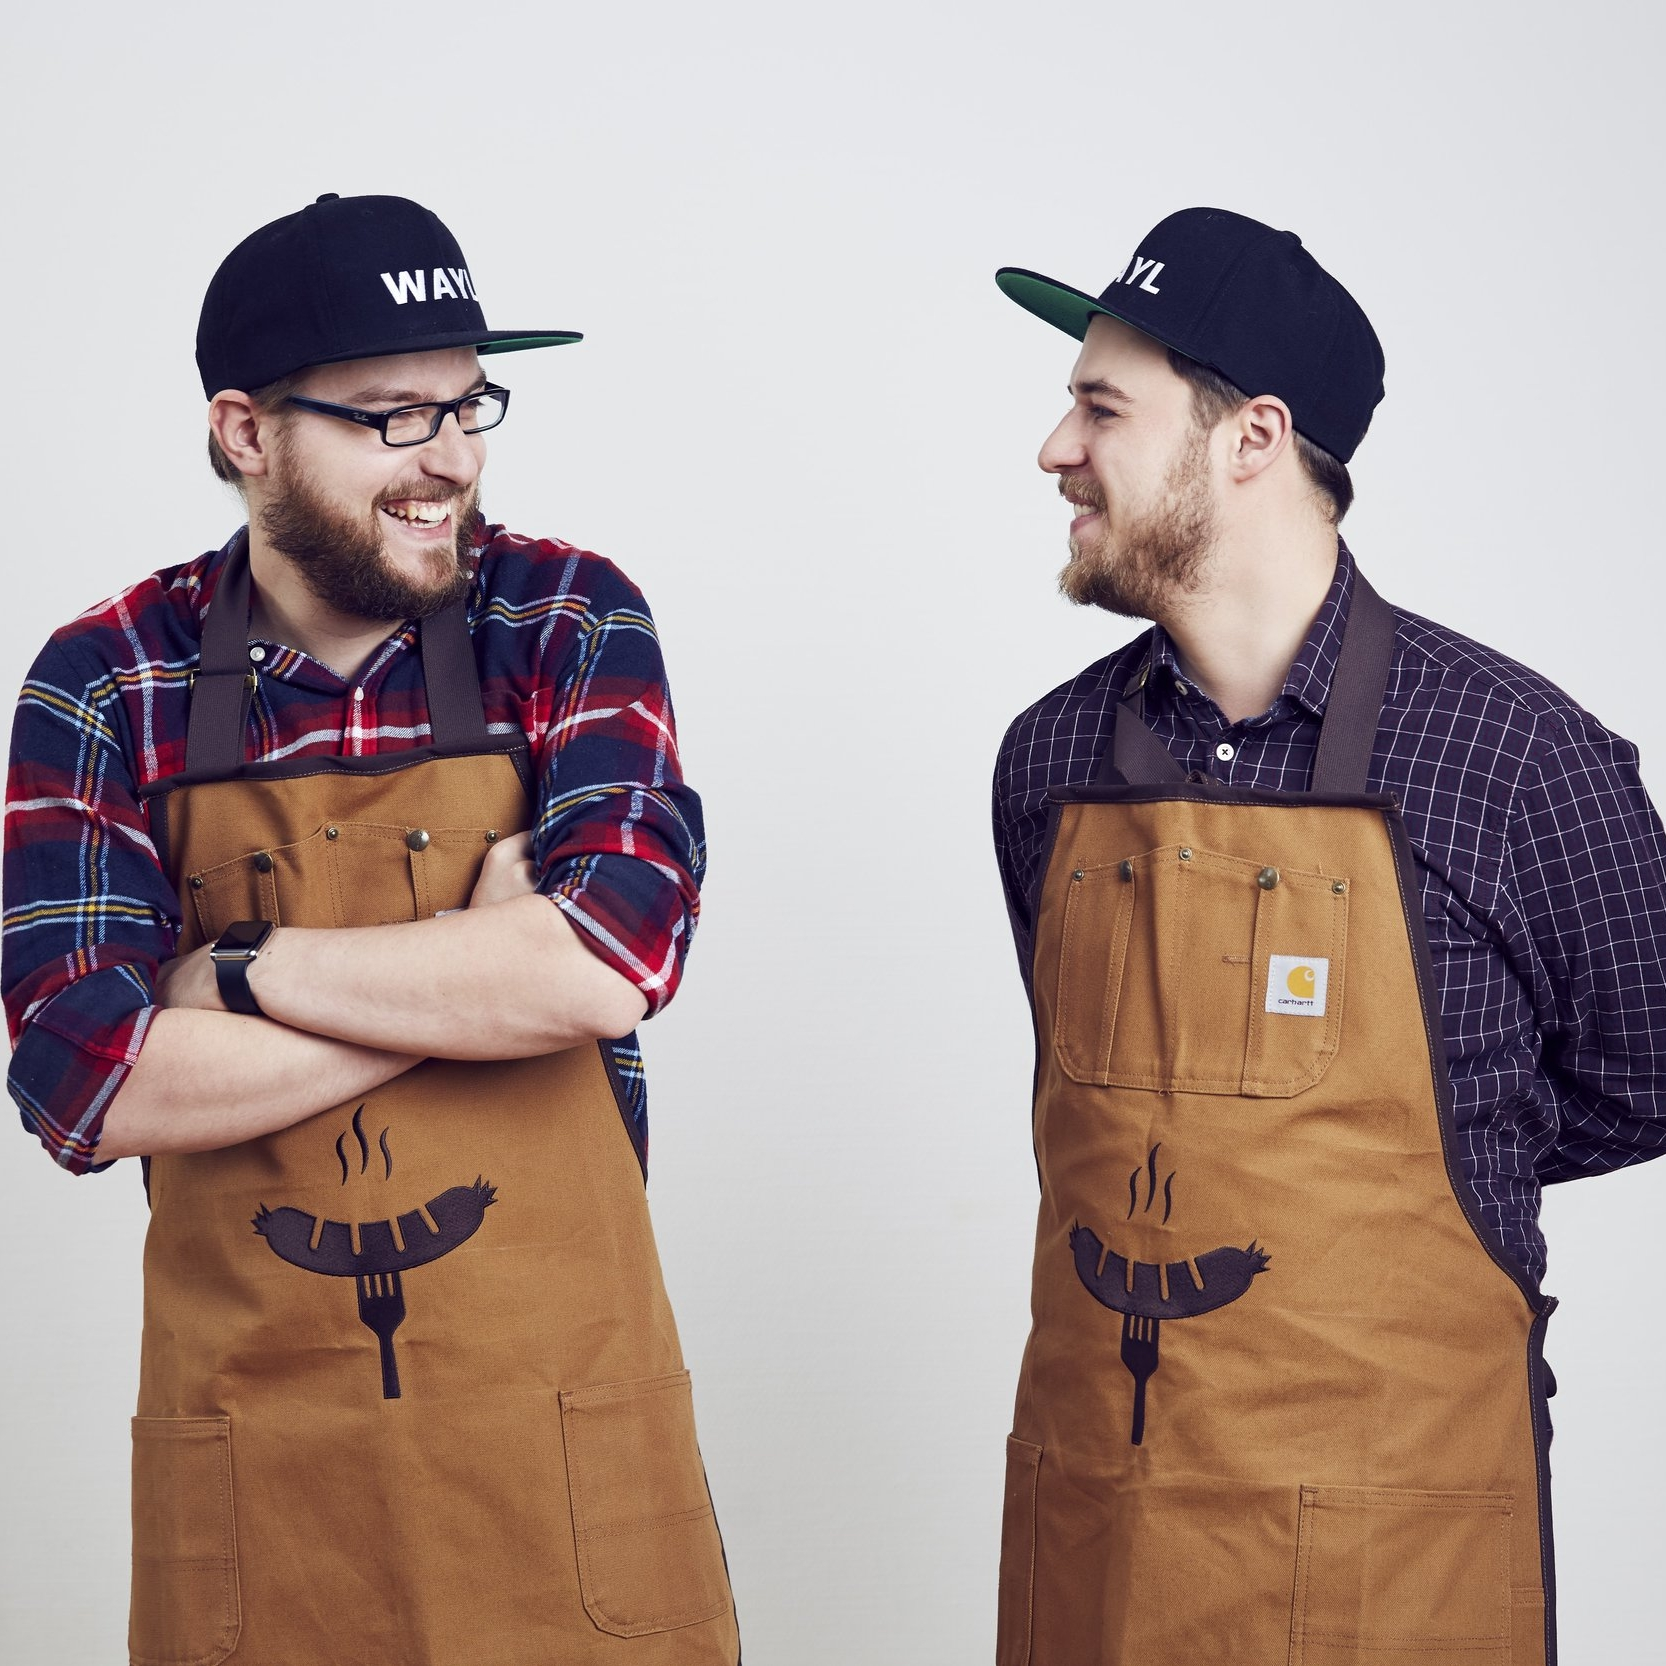 """Wurst app your life              """"Wurst app your life!"""" - ist das Credo von Fabian & Fabian. Die beiden Hobbyköche haben eine App entwickelt, die ihre Nutzer in das Geheimnis des Wurstens einführt. Mit Rezepten für Salsiccia oder Norwegische Lachswurst und mit handwerklichen Tipps fürs Wurst drehen wollen die Macher sich für das Fleischerhandwerk stark machen. Das erklärte Ziel: Den Austausch zwischen Verbrauchern und Metzgern fördern und das Bewusstsein für Qualität und Herkunft des Fleisches schärfen."""